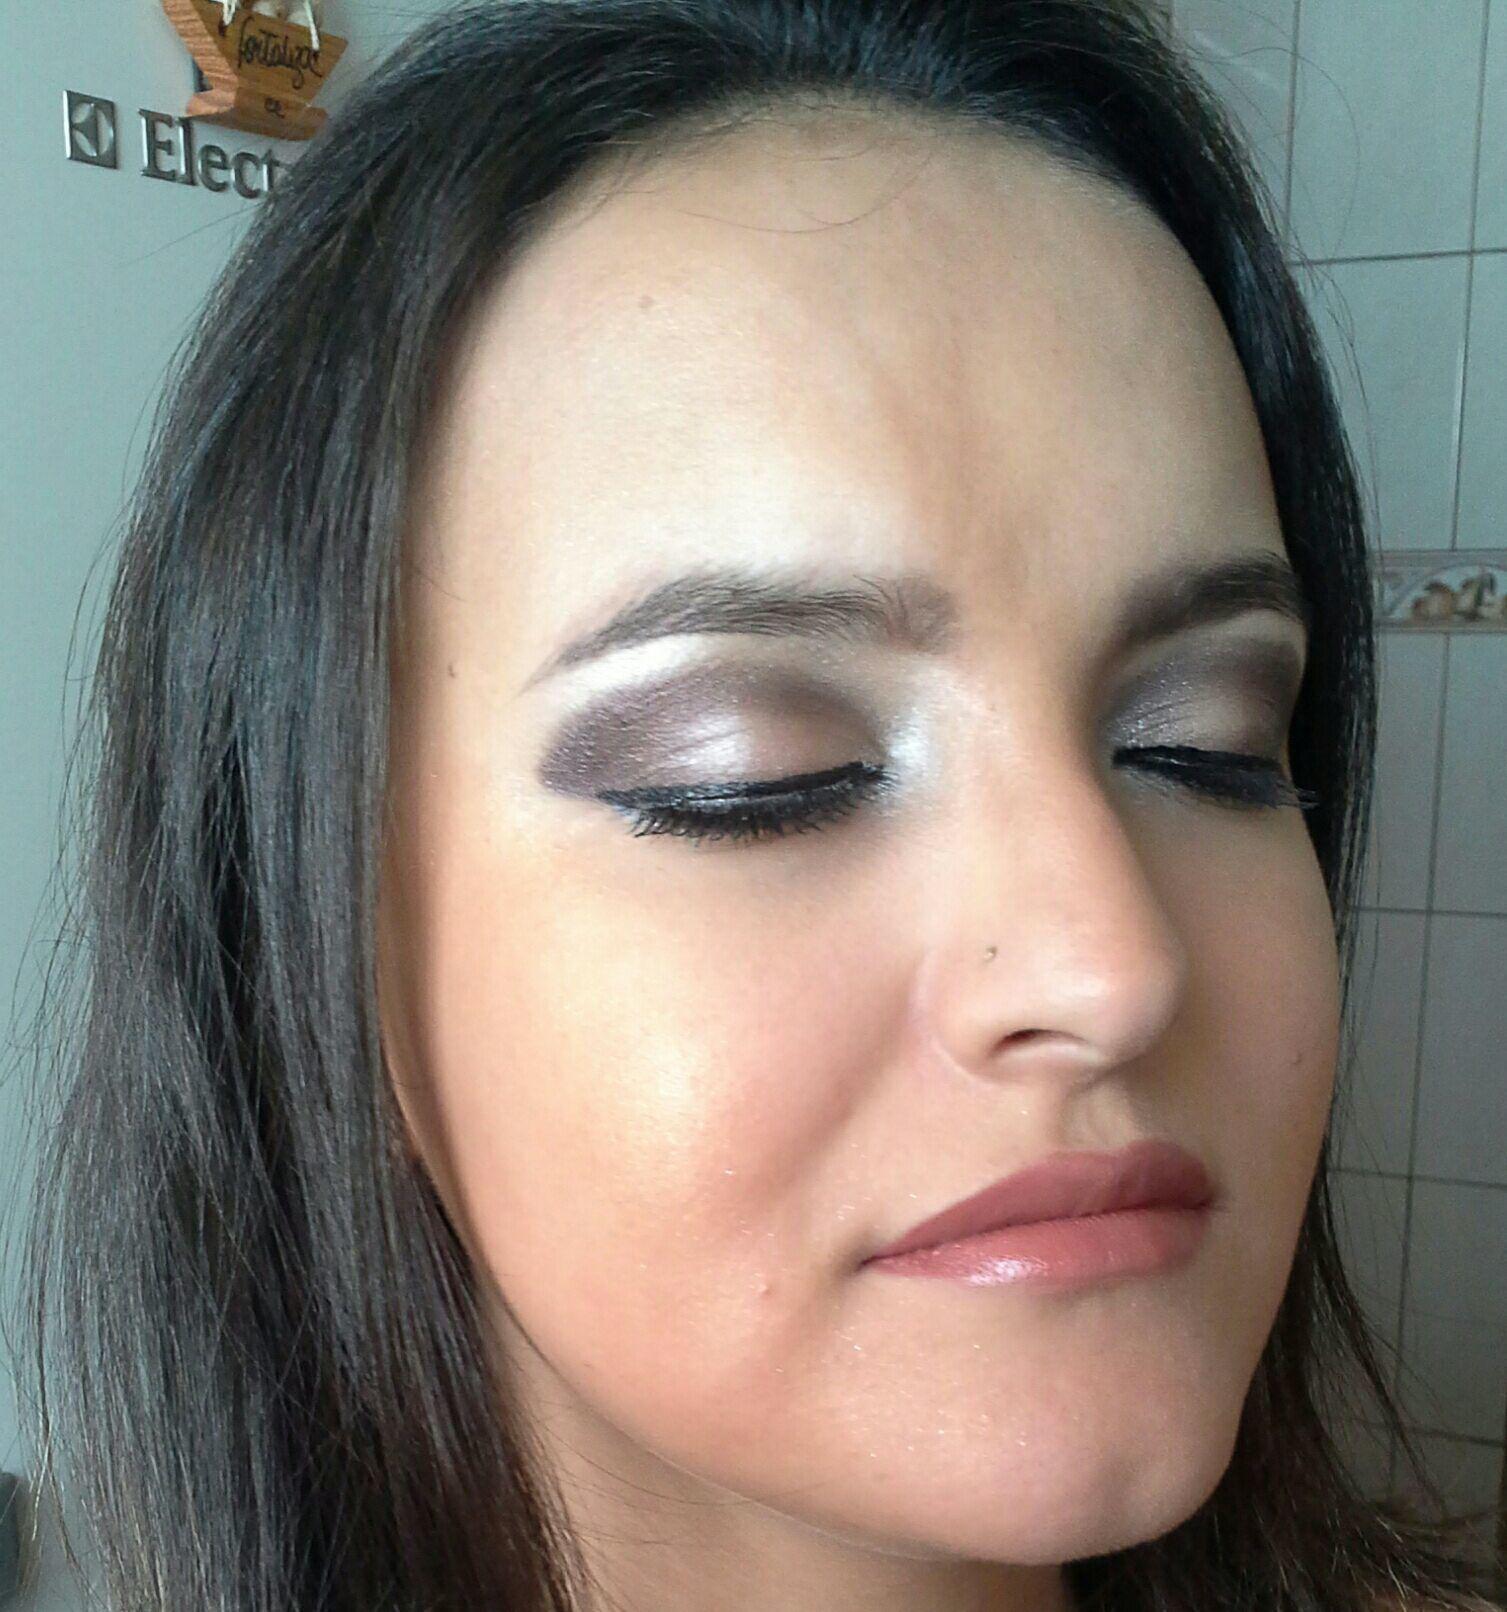 Maquiagem para  foto  com côncavo  esfumado  de escuro  para favorecer o  olhar maquiagem stylist / visagista cabeleireiro(a)